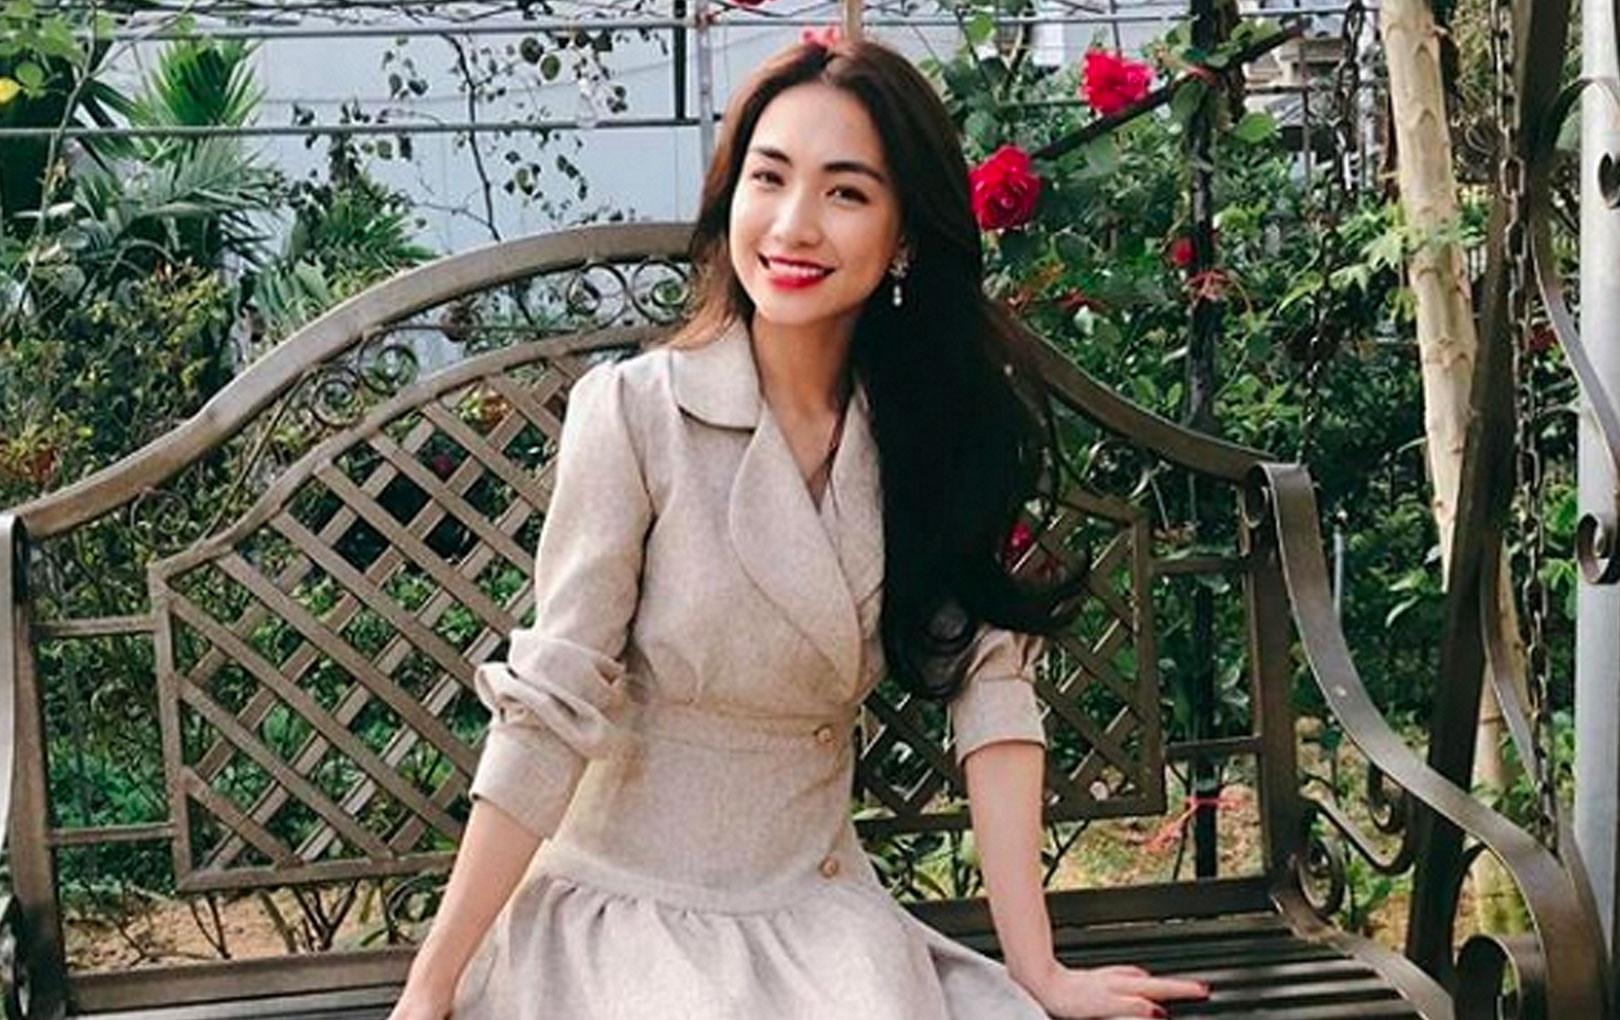 Hòa Minzy lo lắng khi tăng 6kg: 'Tui không muốn cái tất bọc quả lê quay trở lại'